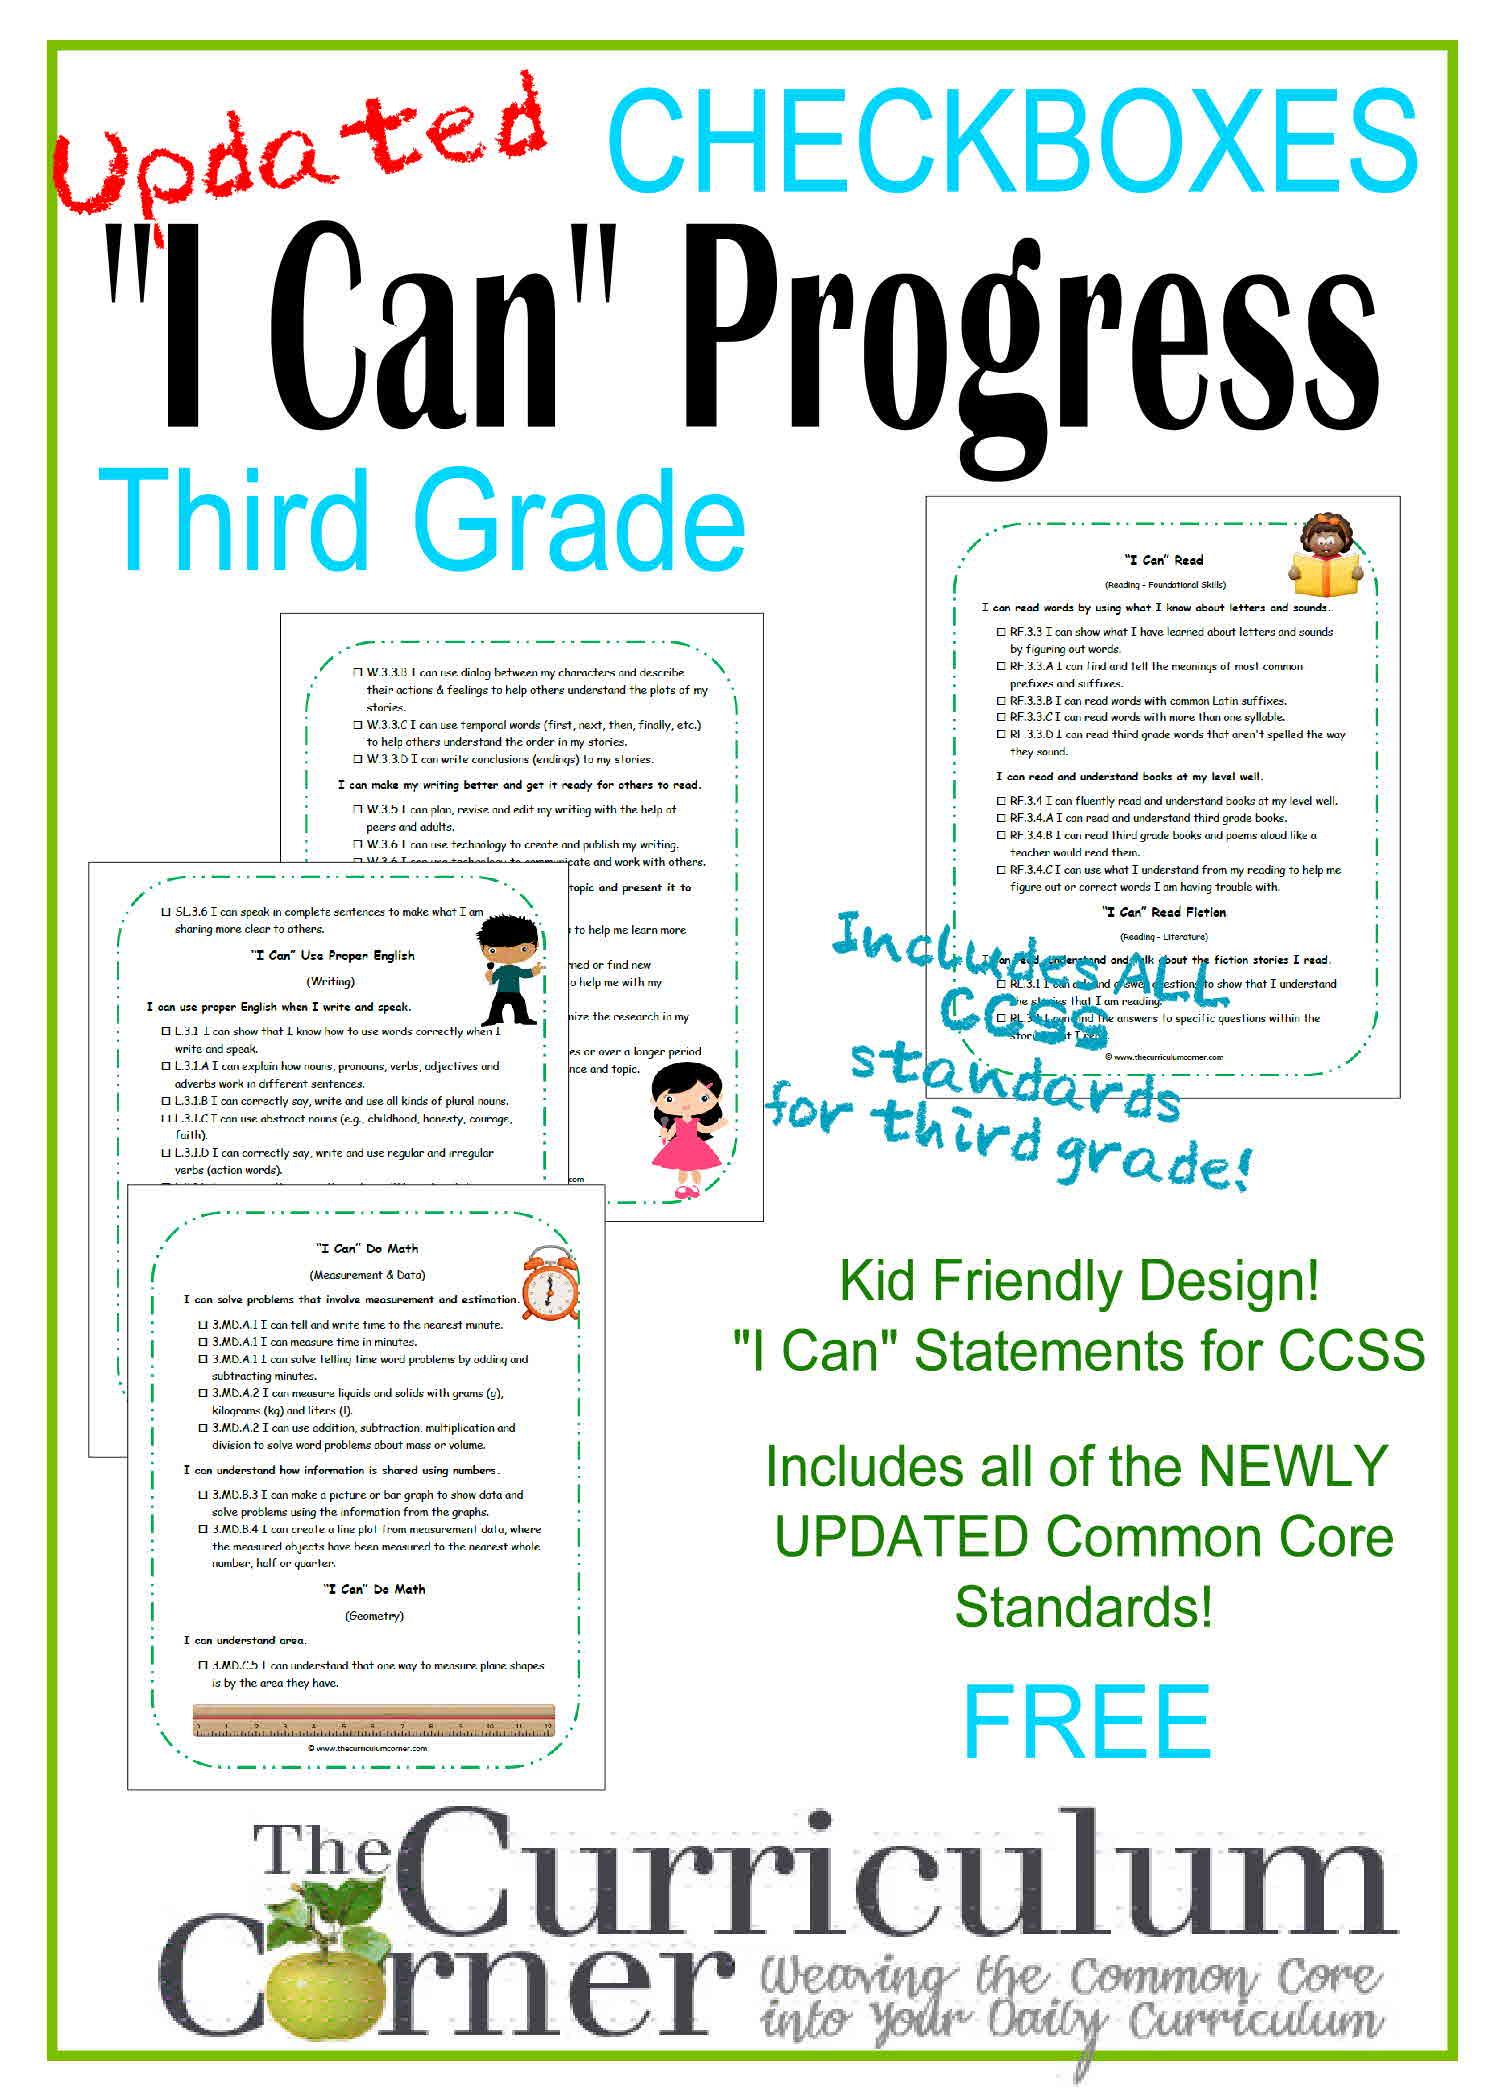 rd kid clip. Curriculum clipart third grade